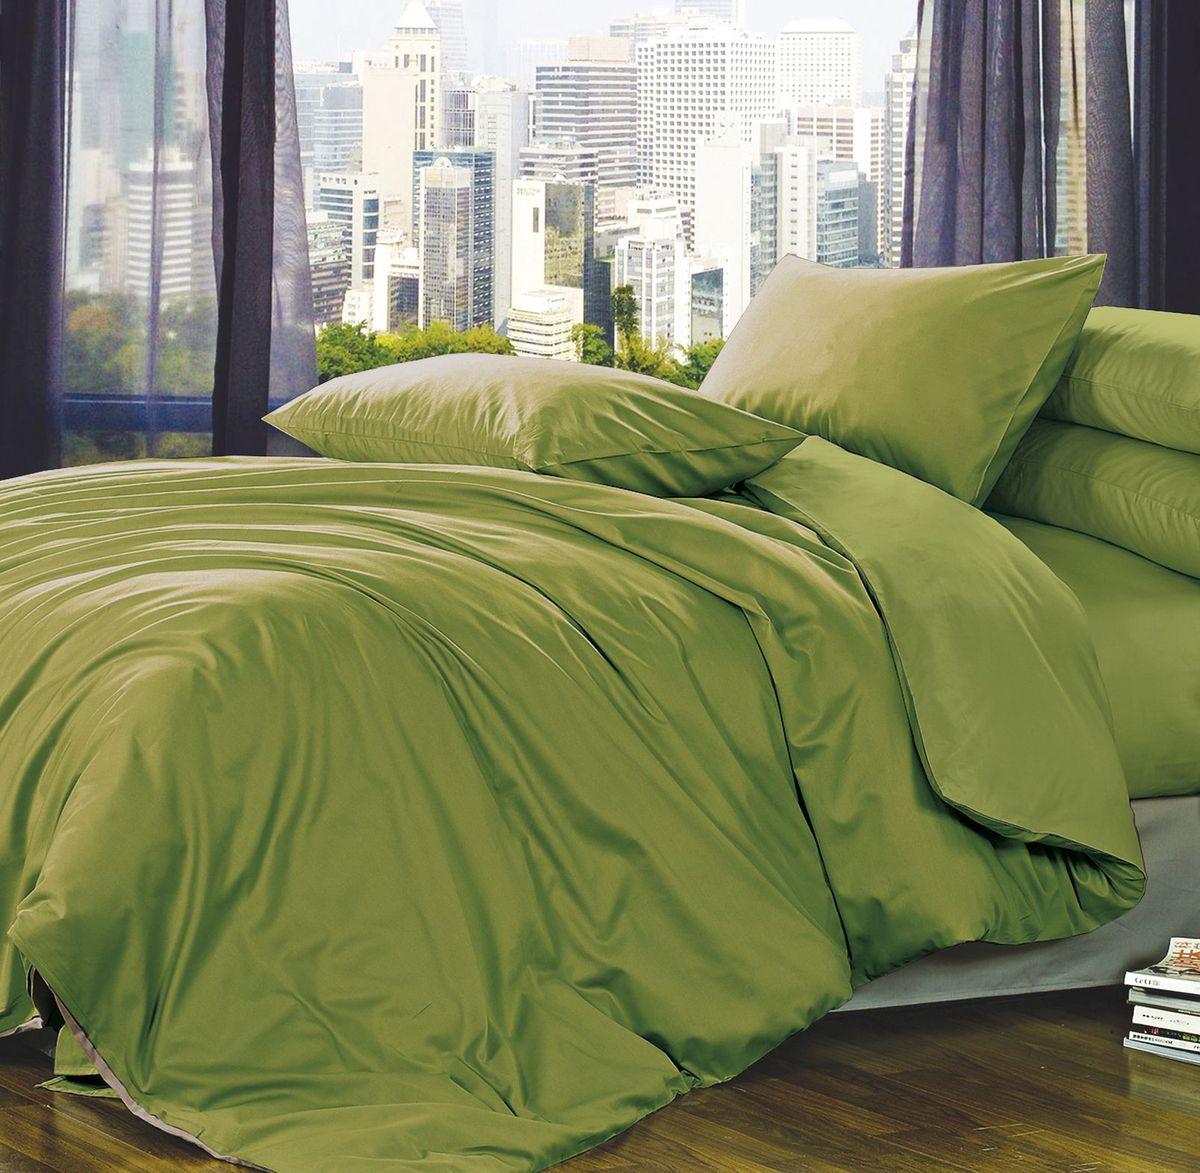 Комплект белья Коллекция Зеленый, 1,5-спальный, наволочки 50x70 смПС1.5/50/ОЗ/зелКомплект постельного белья Коллекция Зеленый выполнен из полисатина. Комплект состоит из пододеяльника, простыни и двух наволочек. Тонкое, средней плотности, с шелковистой поверхностью и приятным блеском постельное белье устойчиво к износу, не выгорает, не линяет, рассчитано на многократные стирки. Двойная скрутка волокон позволяет получать довольно плотный, прочный на разрыв материал. Легко отстирывается, быстро сохнет и самой важно для хозяек - не мнется!